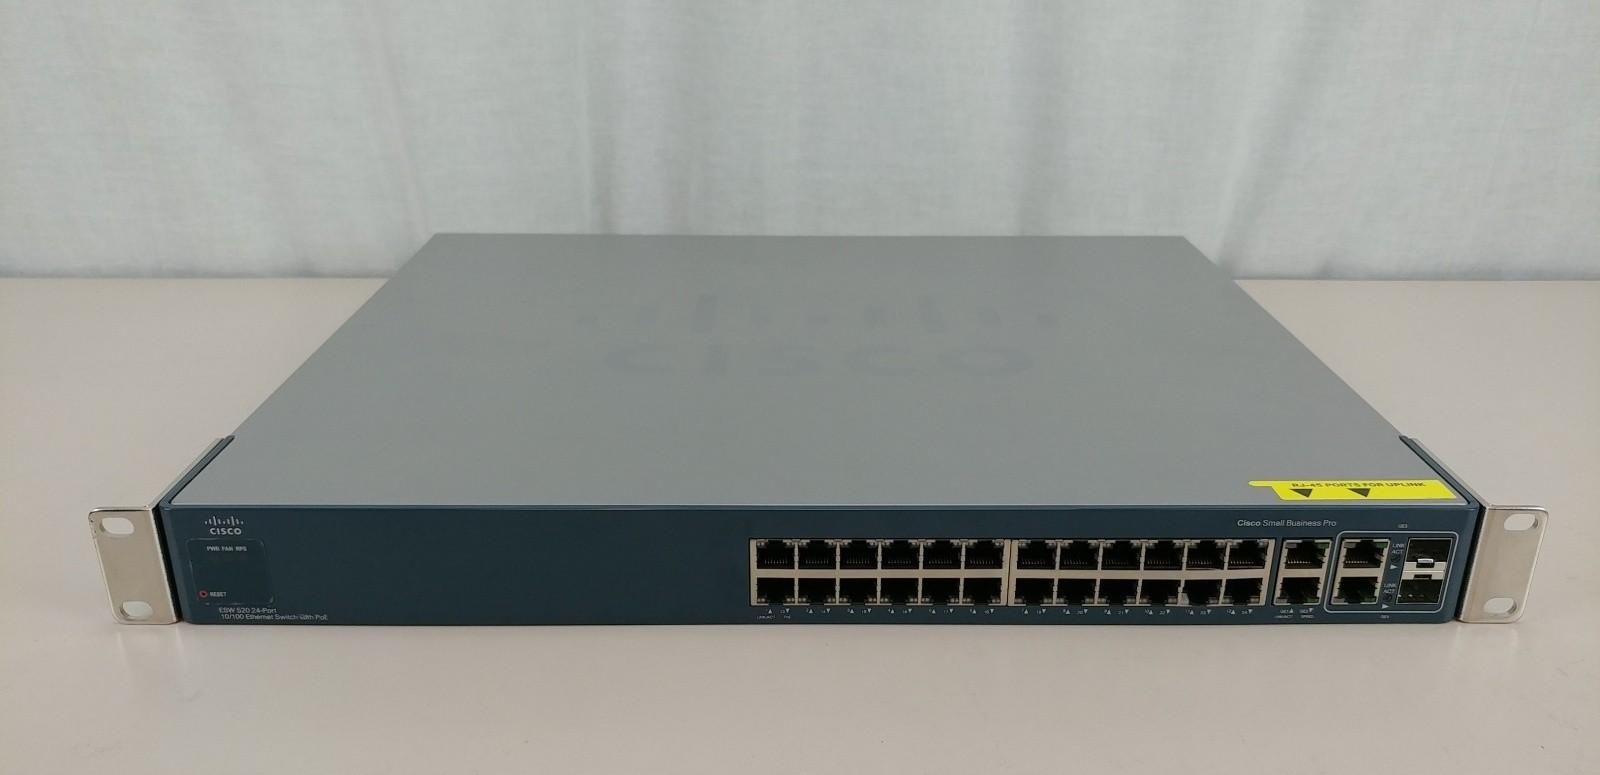 Cisco ESW-520-24P-K9 24 Port 10/100 Ethernet Switch w/ PoE Tested